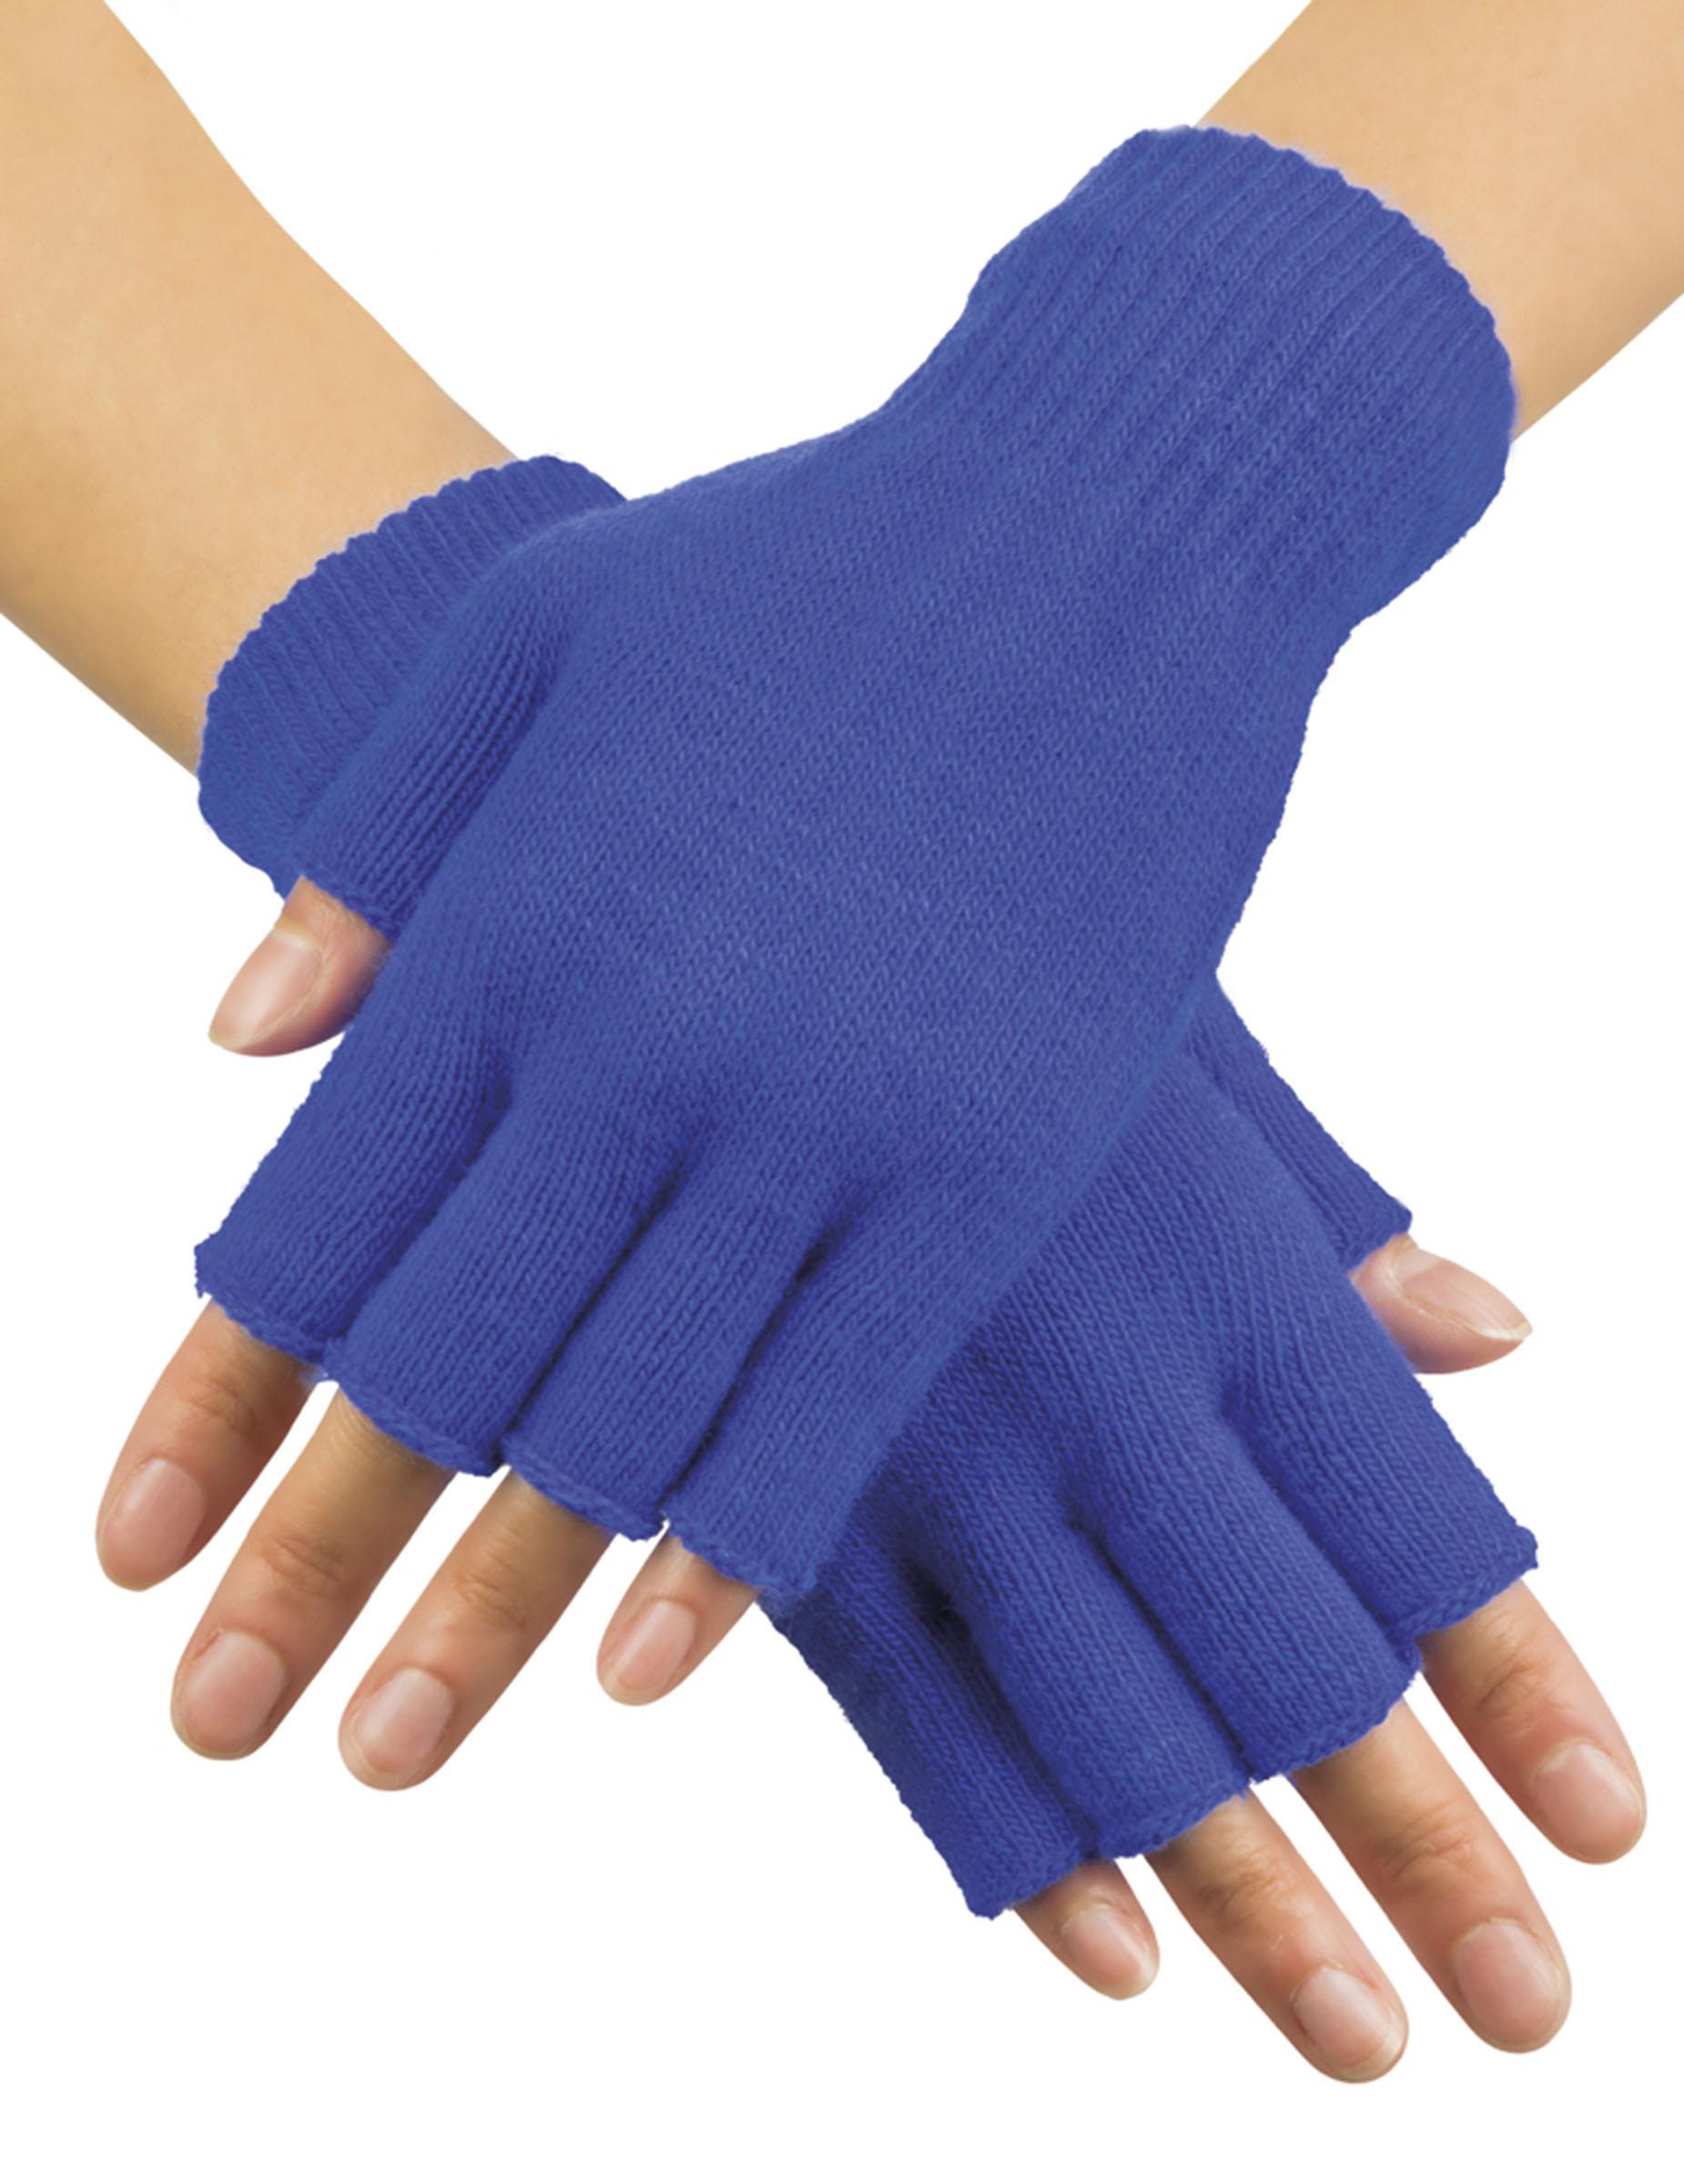 Blaue Flipflops aufblasbar für Erwachsene: